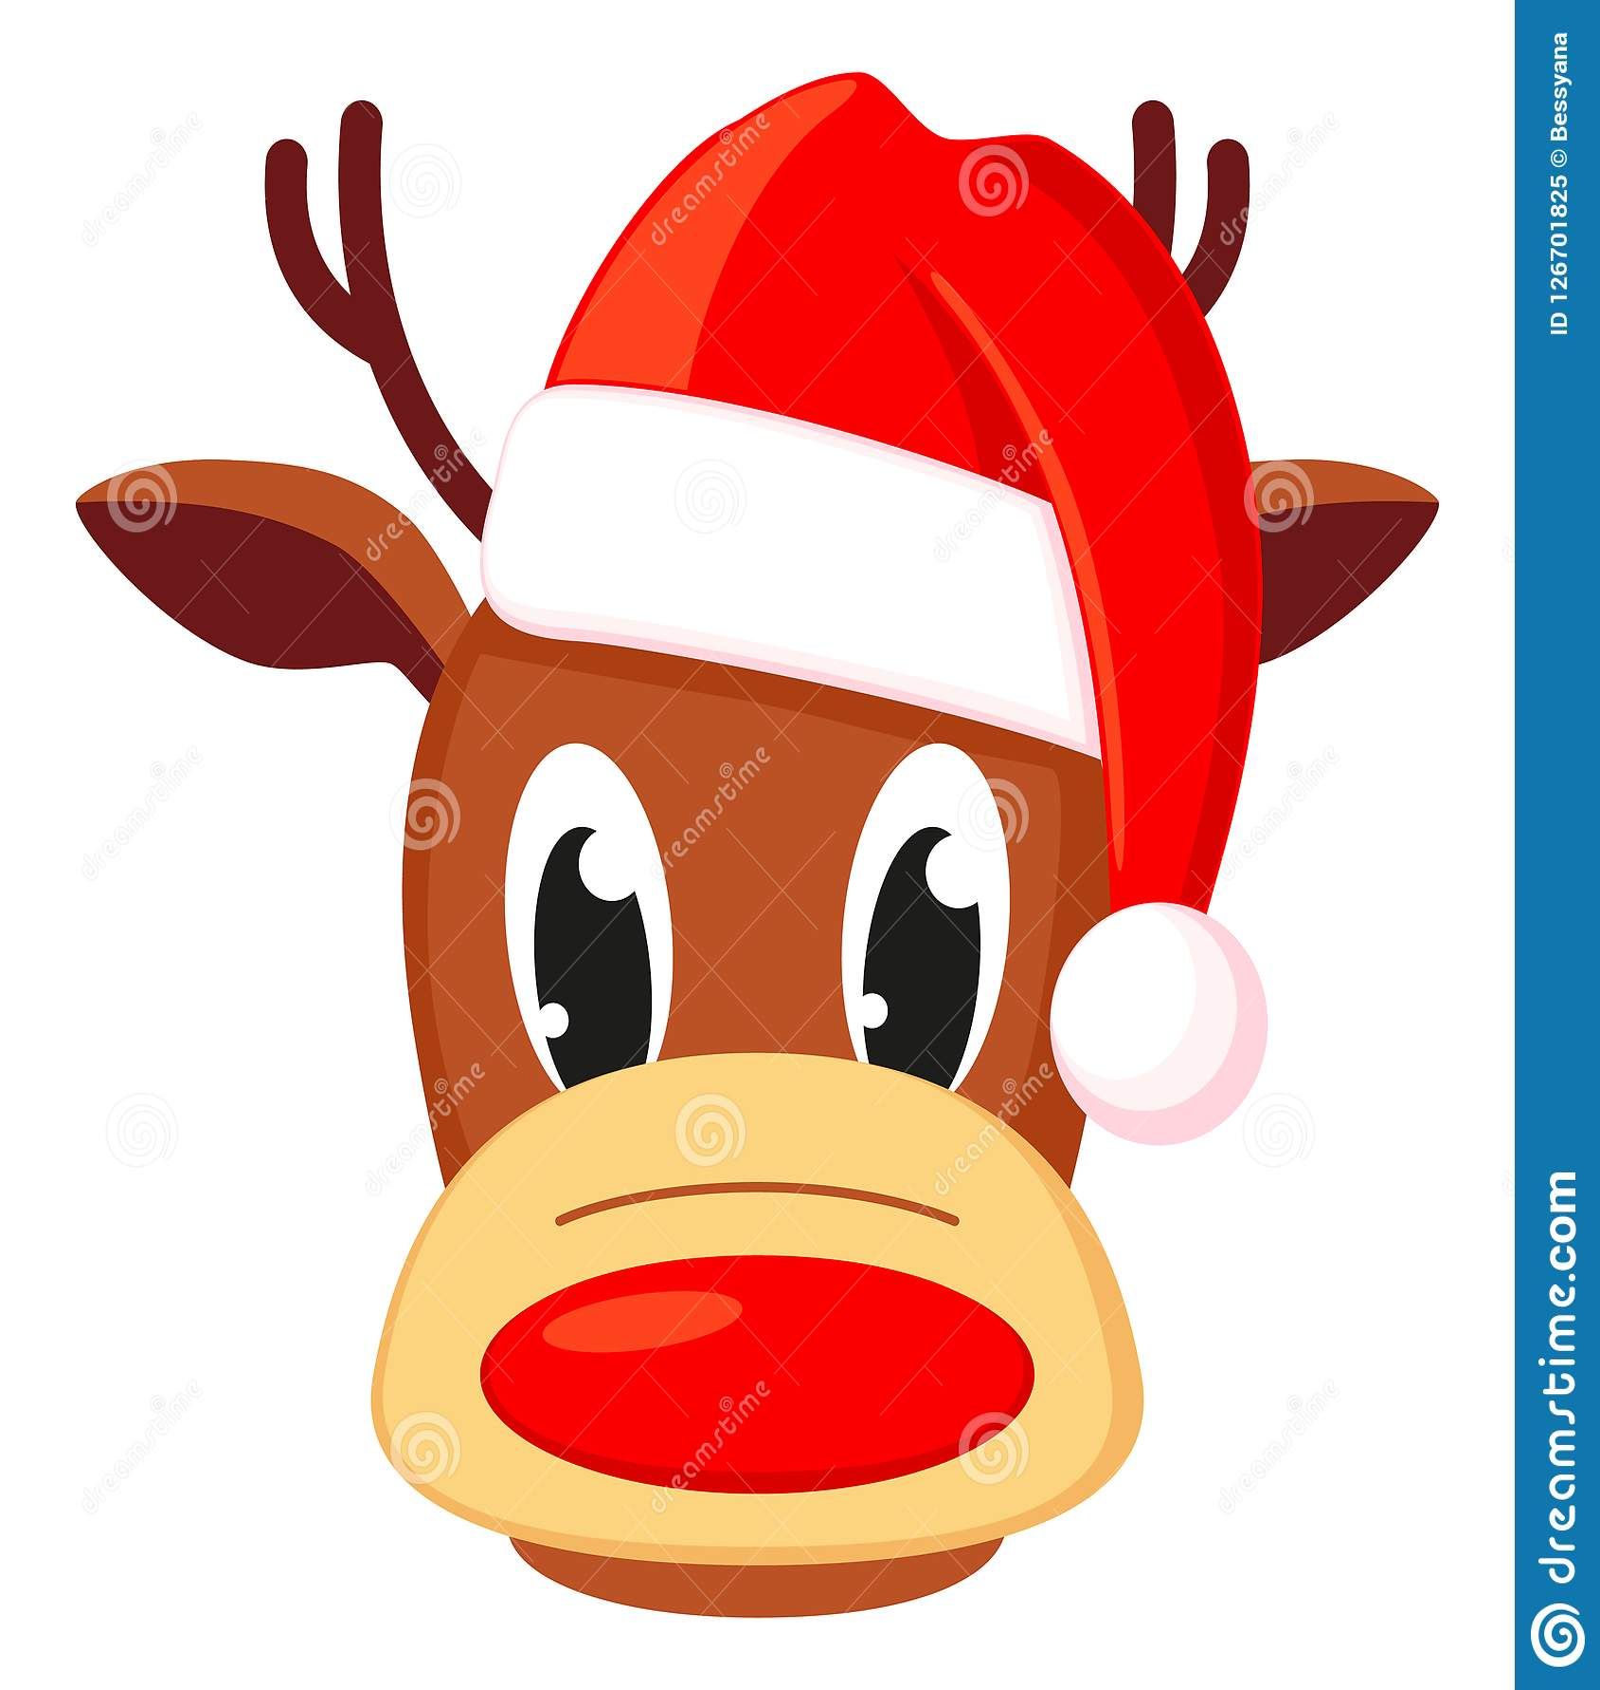 Colorful cartoon reindeer head in hat